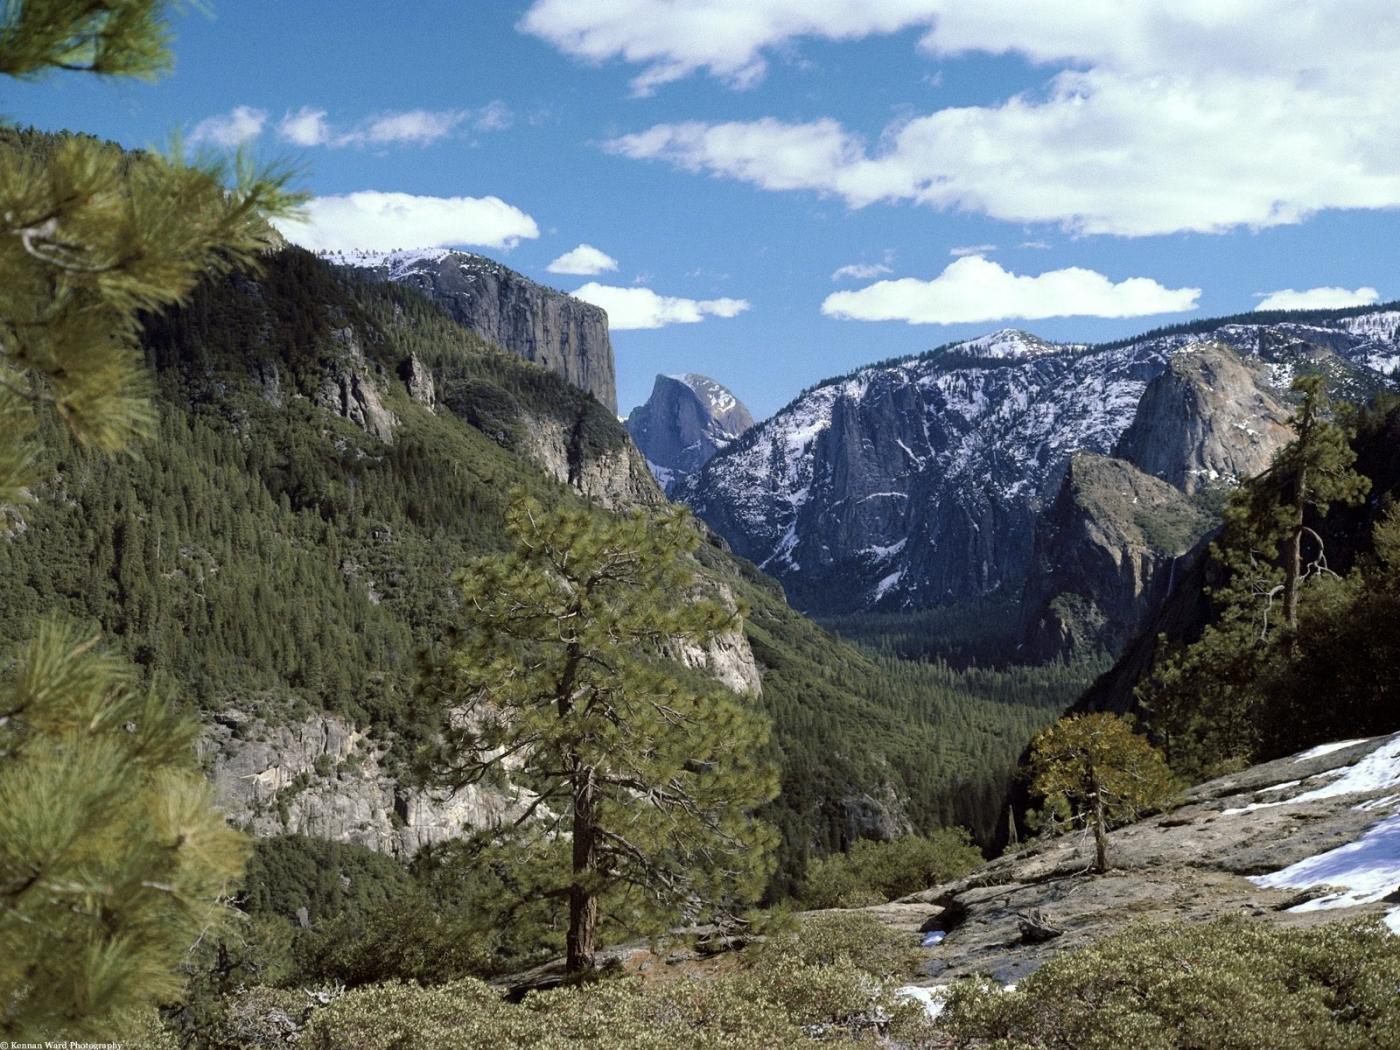 23832 скачать обои Пейзаж, Деревья, Горы, Облака - заставки и картинки бесплатно